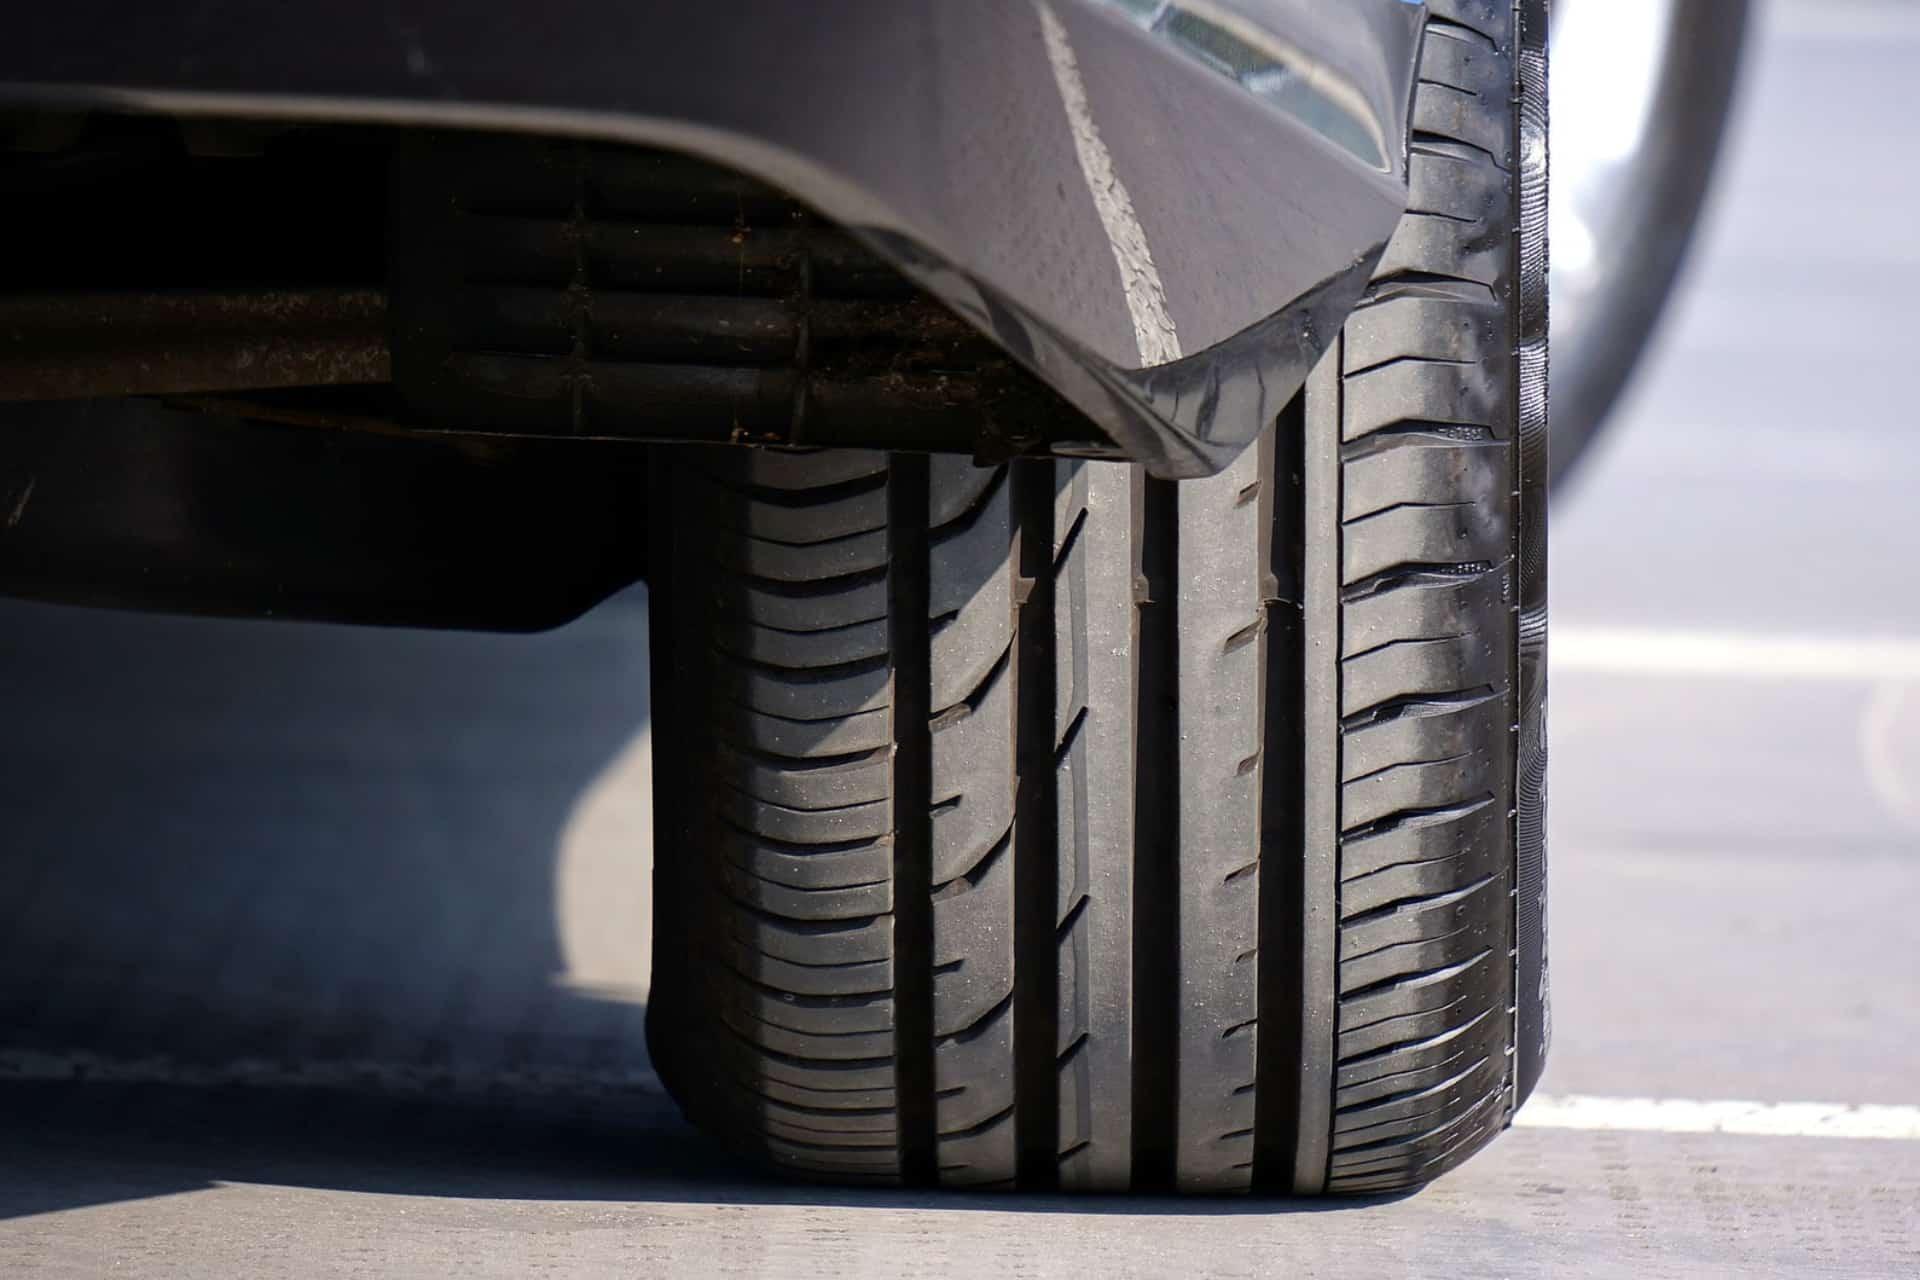 letne pnevmatike naslovka wd40(1)